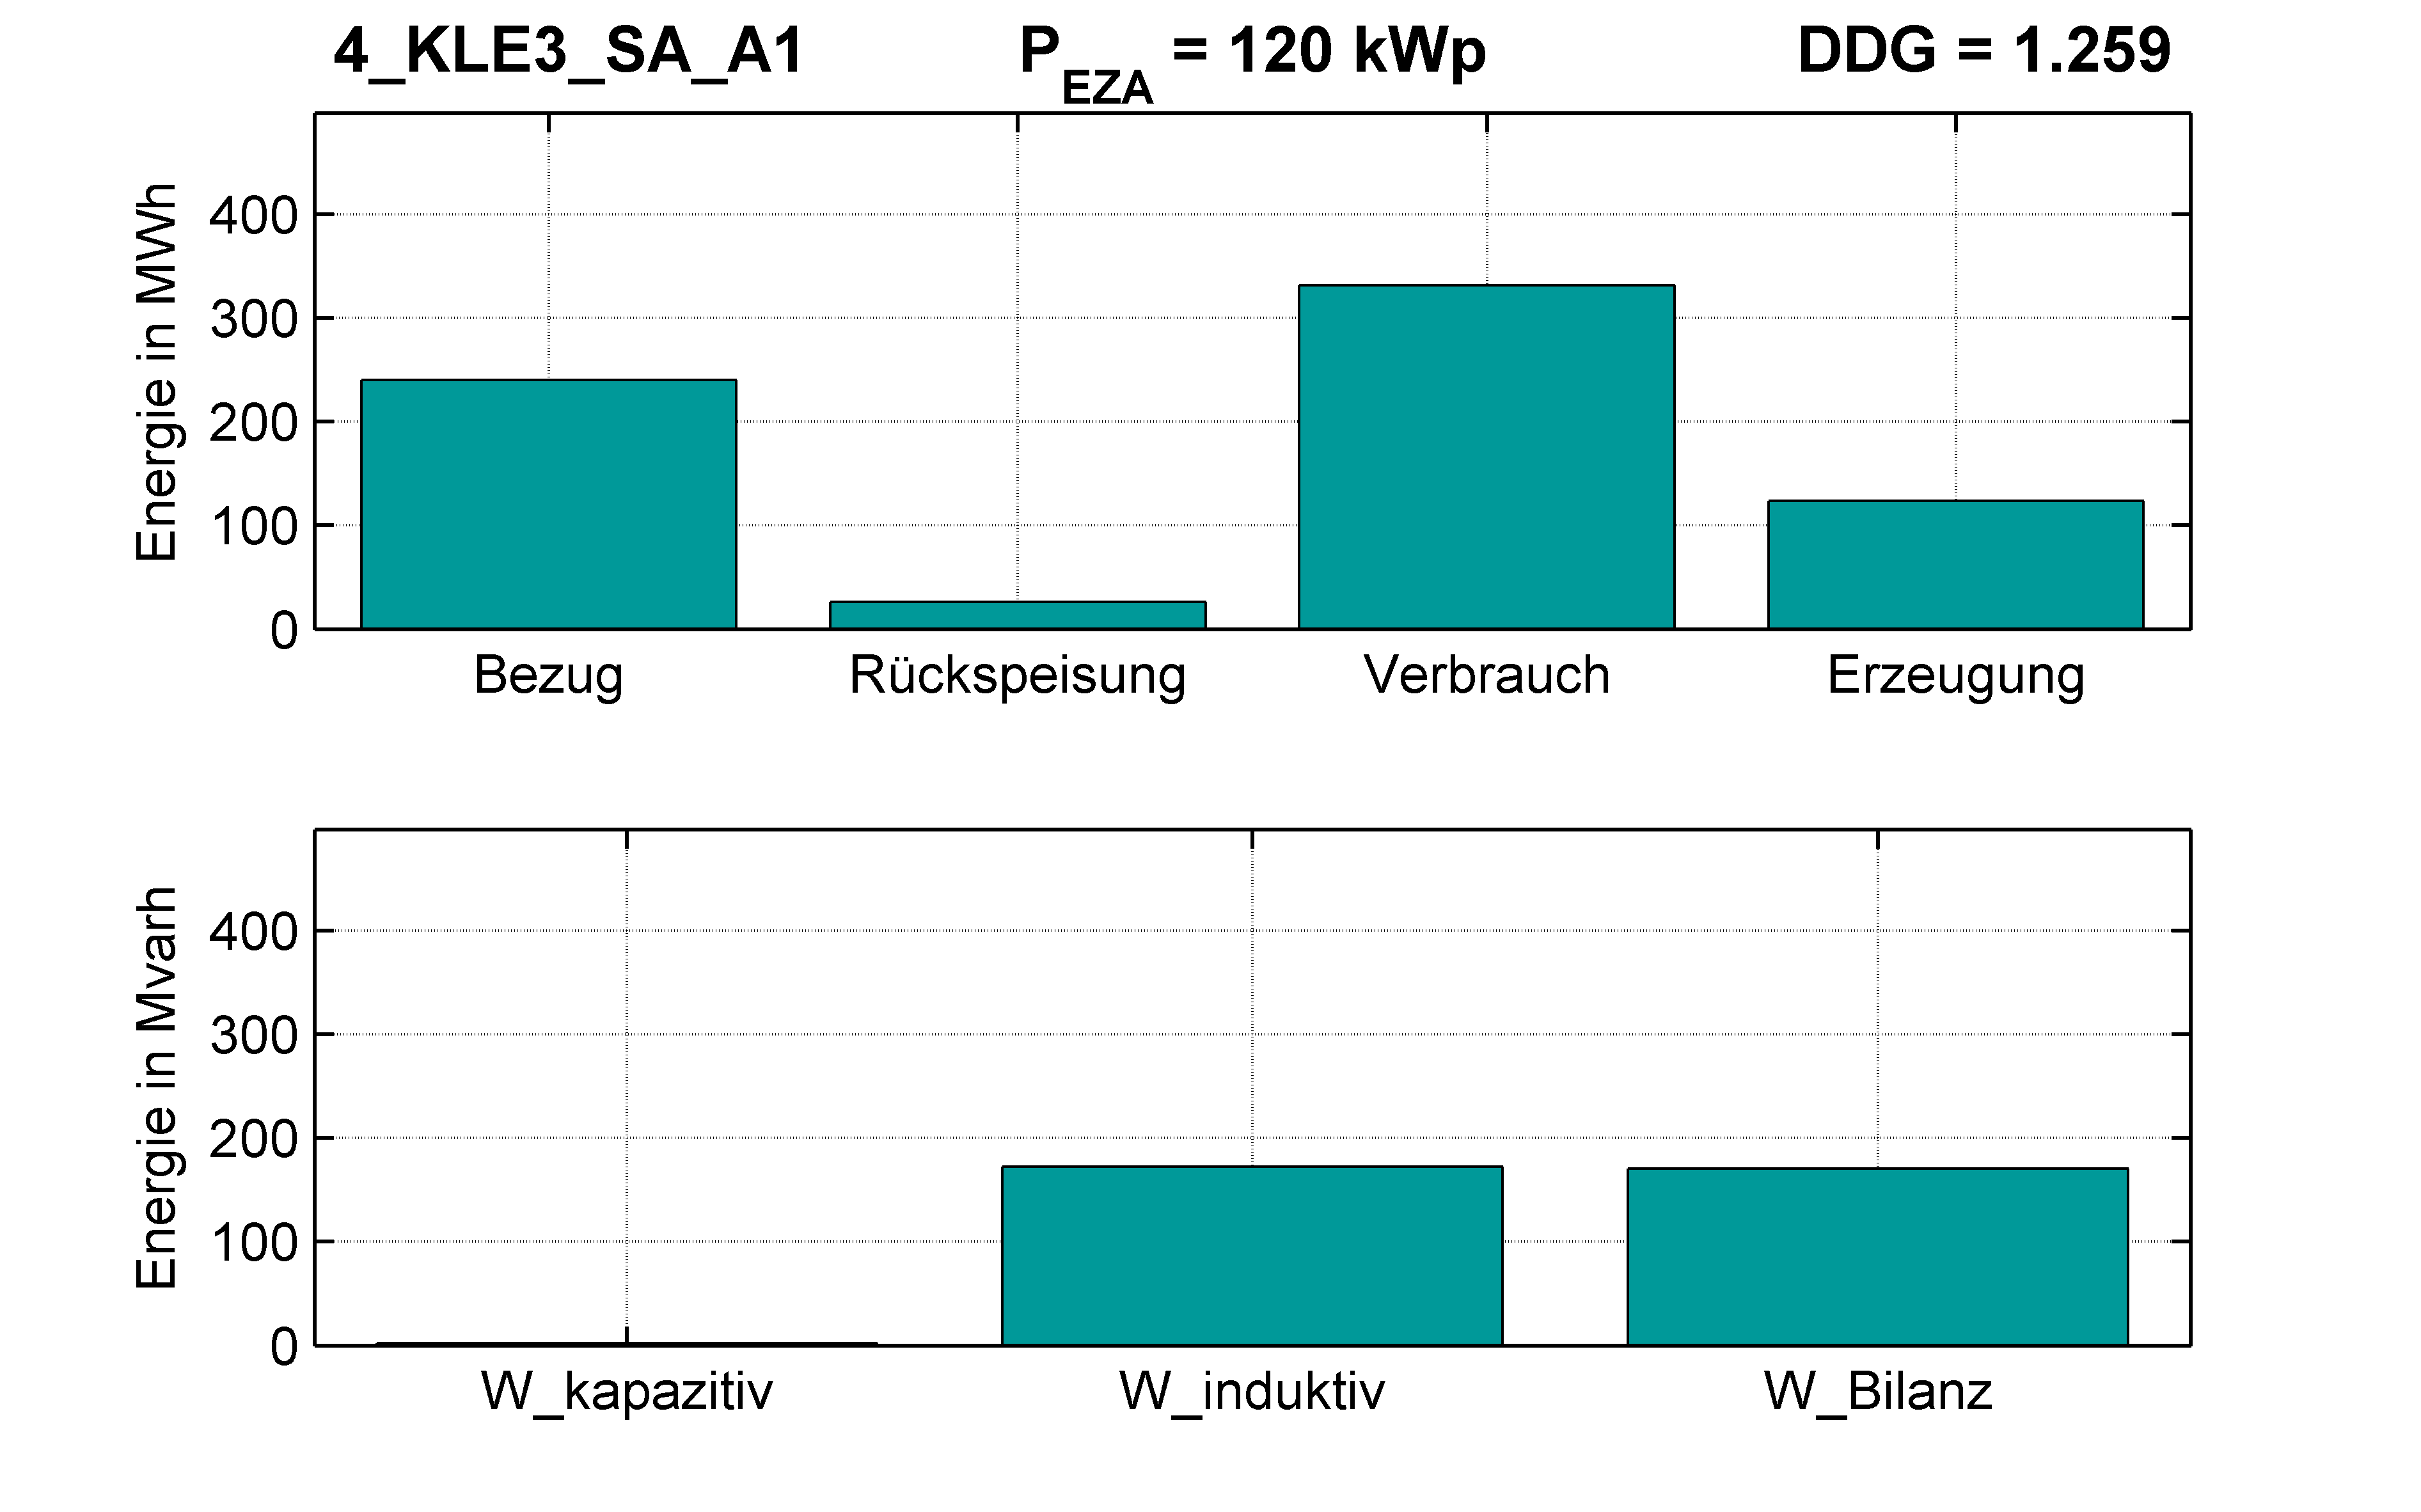 KLE3 | P-Kappung 55% (SA) A1 | PQ-Bilanz